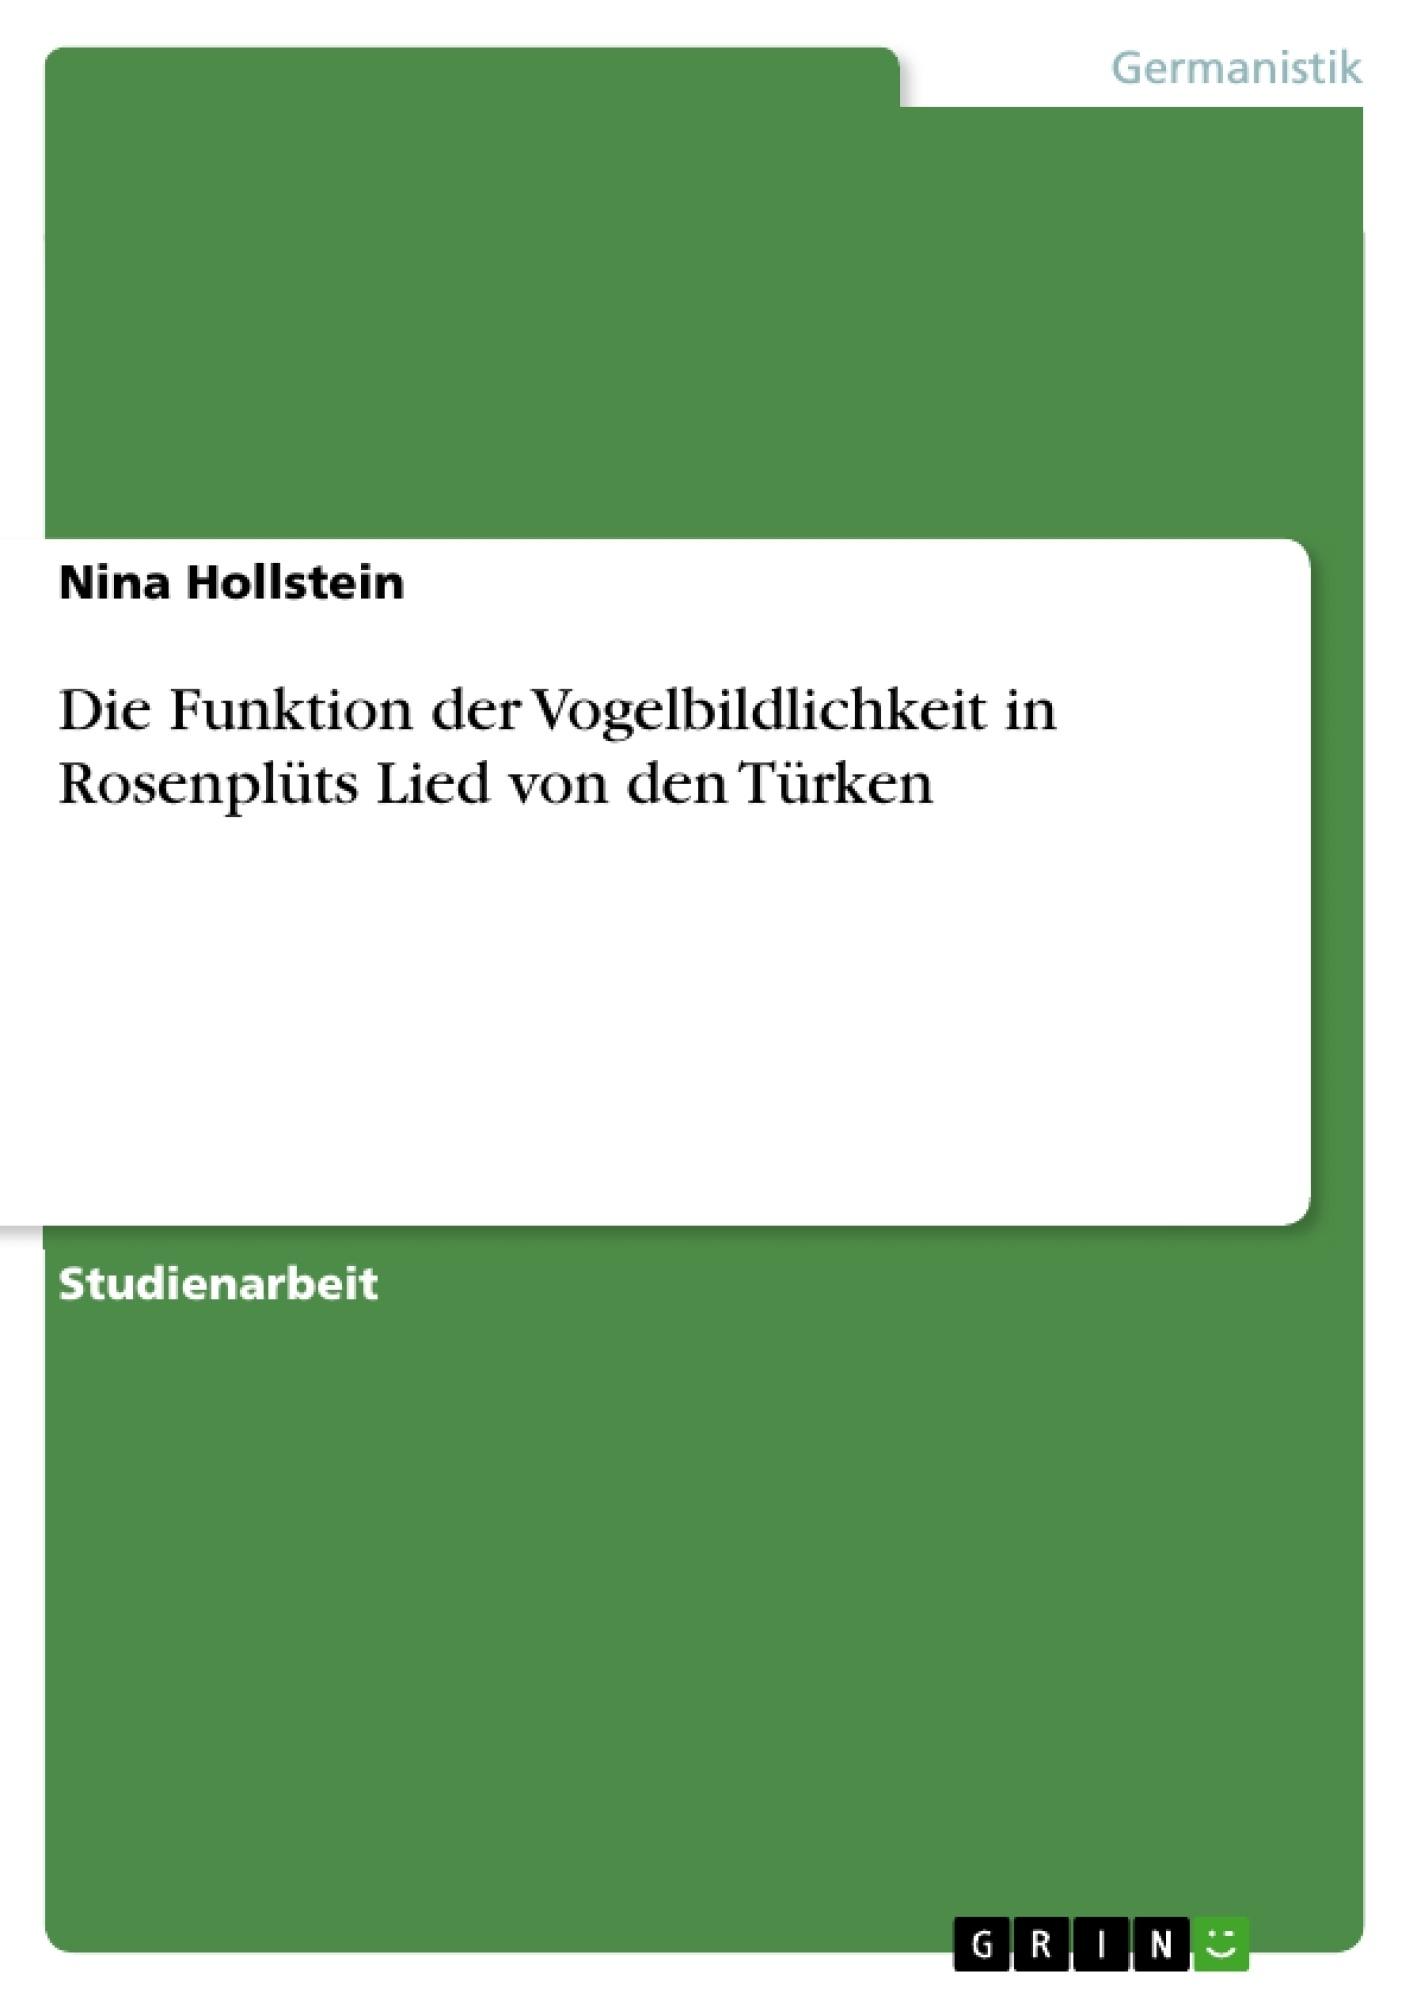 Titel: Die Funktion der Vogelbildlichkeit in Rosenplüts Lied von den Türken